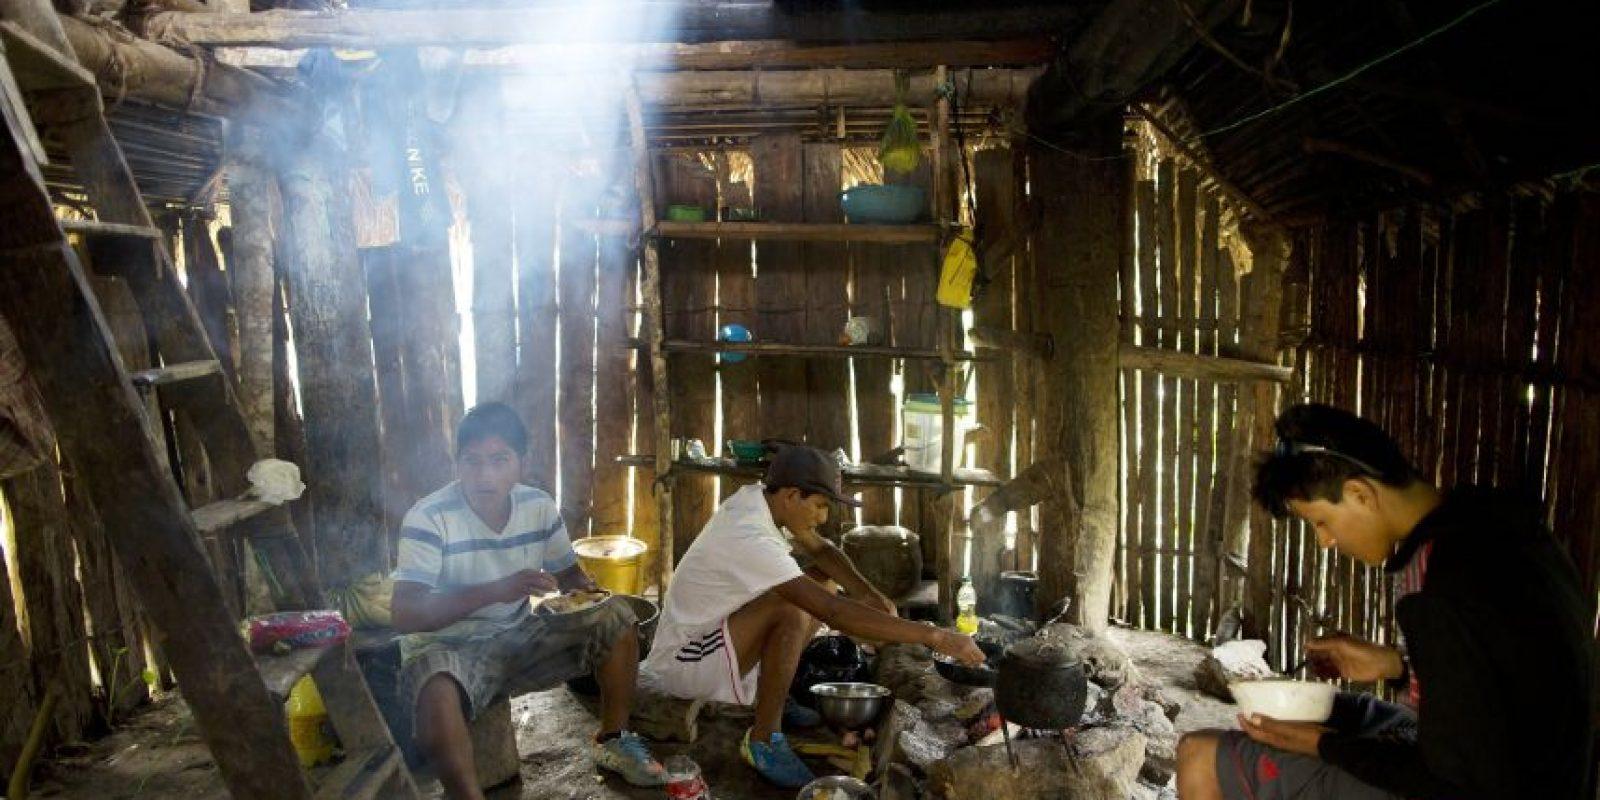 En esta imagen del 13 de marzo de 2015, de izquierda a derecha, Donato, Delfín y Jony desayunan antes de comenzar su día de trabajo en los campos de coca, en La Mar, Ayacucho, Perú. El comercio peruano de cocaína está muy descentralizado, gestionado por decenas de grandes familias que venden a representantes de cárteles extranjeros. Foto:AP Foto/Rodrigo Abd